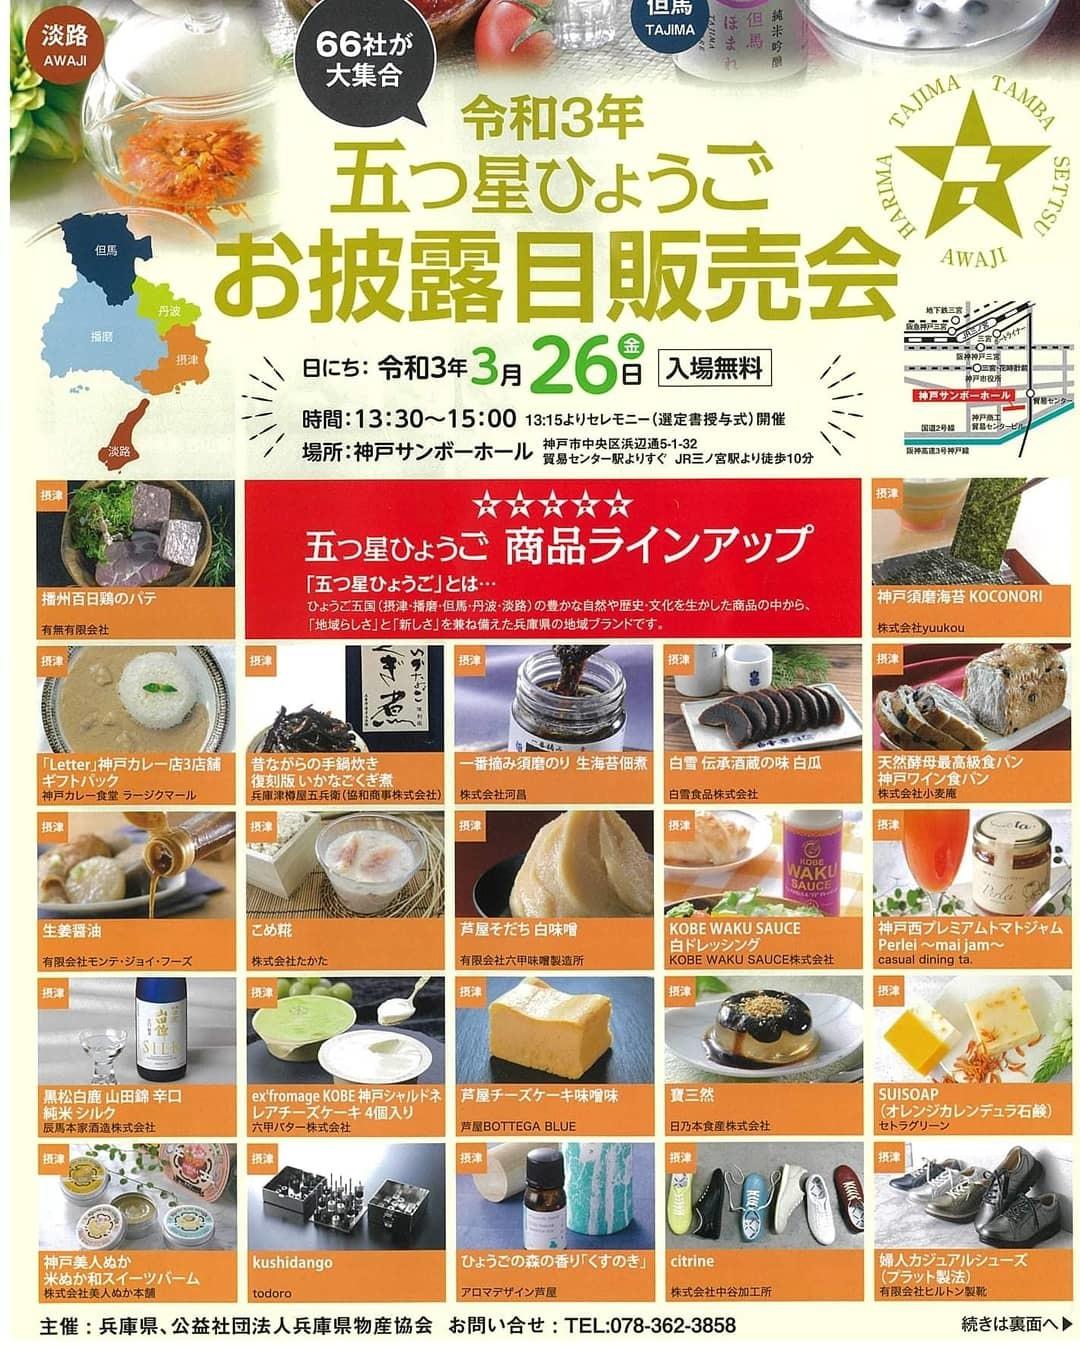 神戸から、五ツ星ひょうごに認定されました☆小阪美鈴ラベルいかなごくぎ煮_a0098174_16360397.jpg